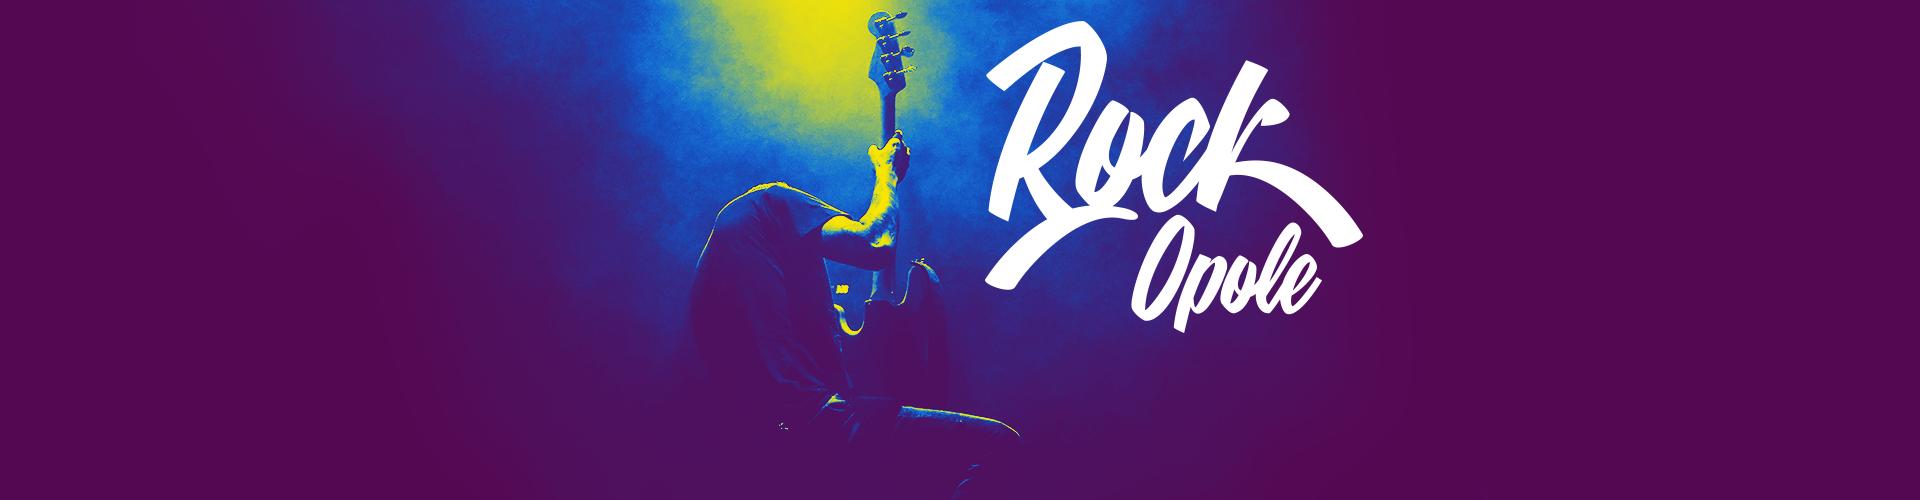 slide_rock_opole_2018